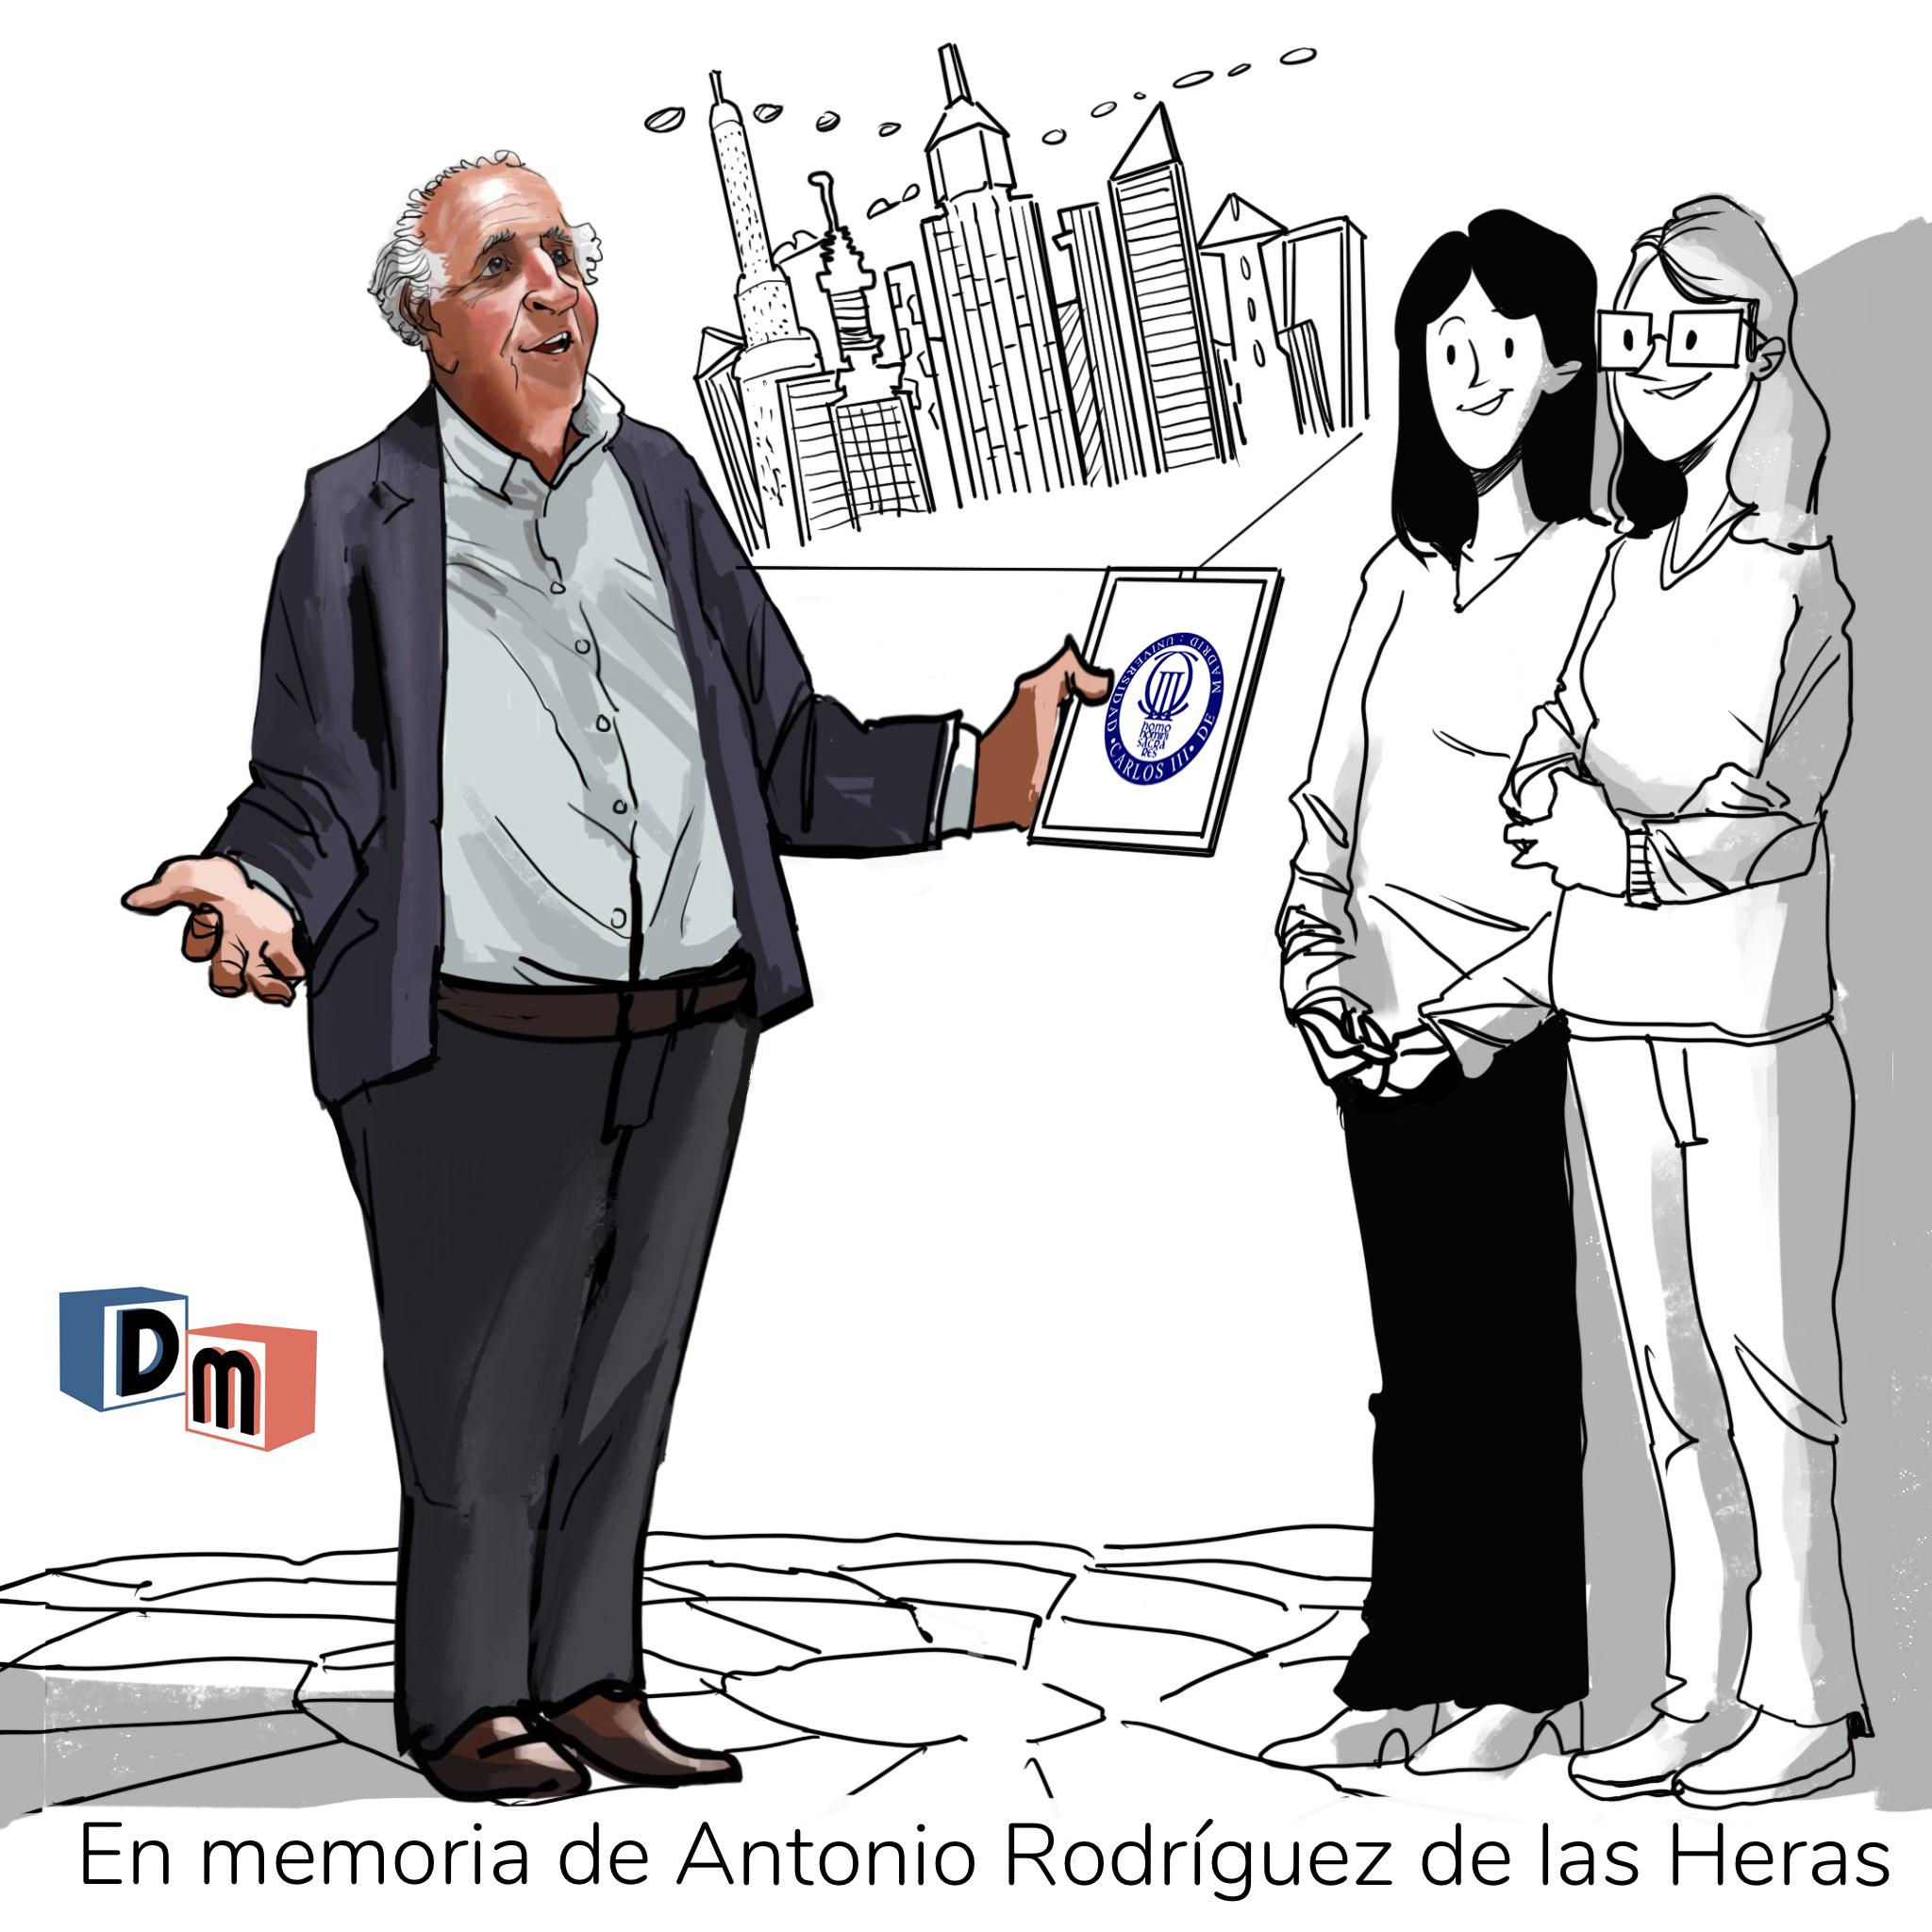 David Mora_Viñeta 12_En memoria de Antonio Rodriguez de las Heras